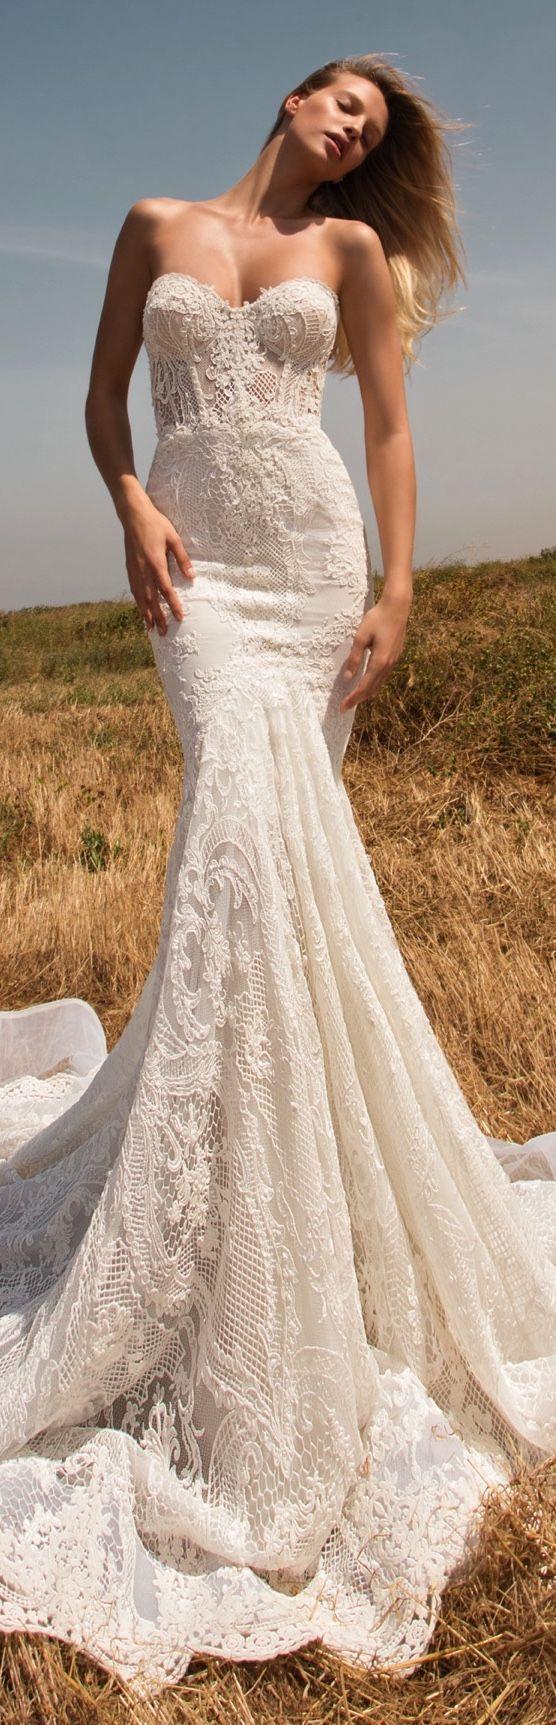 32 besten anprobieren Bilder auf Pinterest   Hochzeitskleider ...